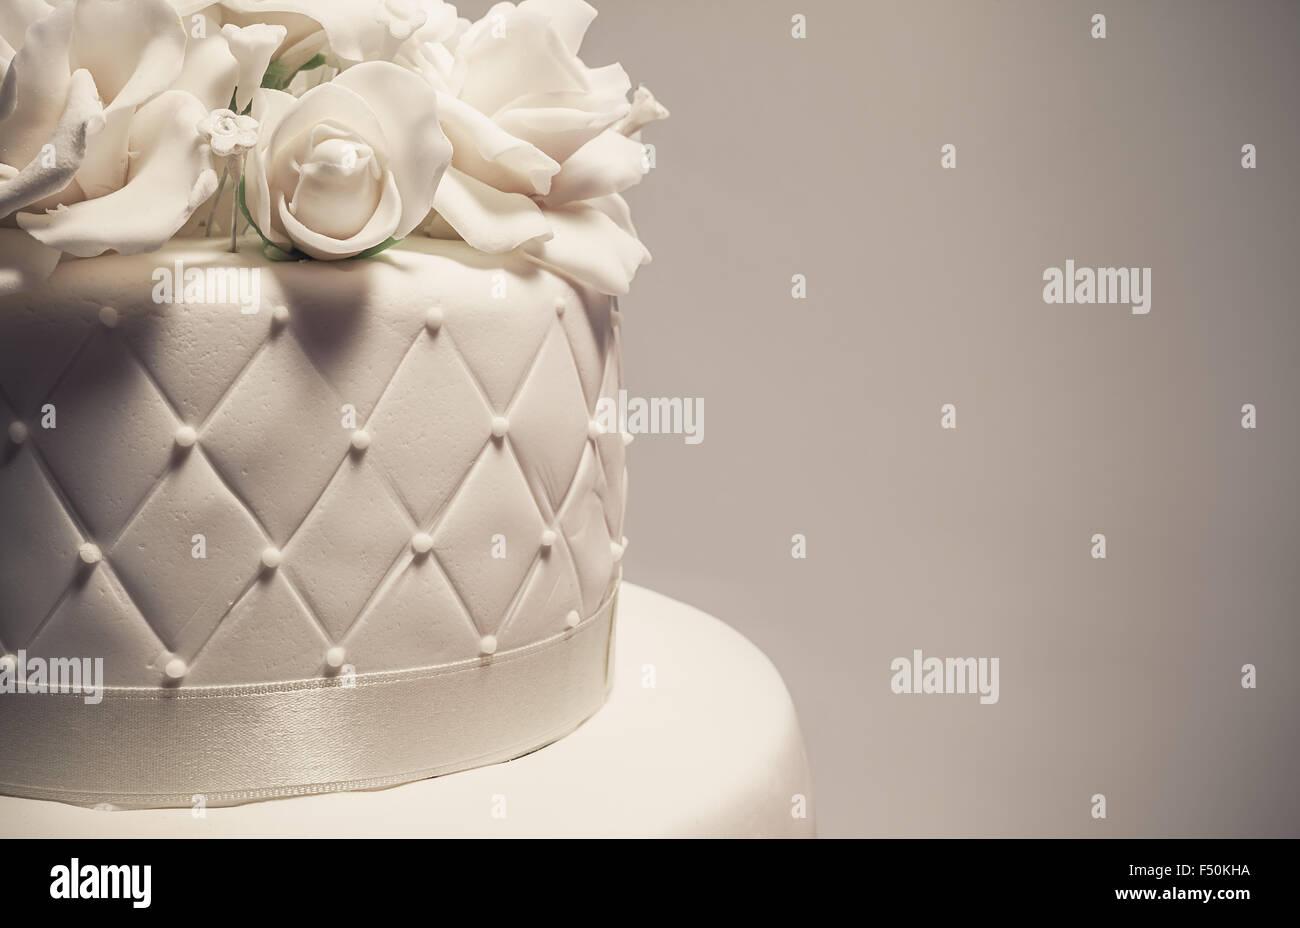 Dettagli di una torta di nozze, decorazione con fondente bianco su sfondo bianco. Immagini Stock